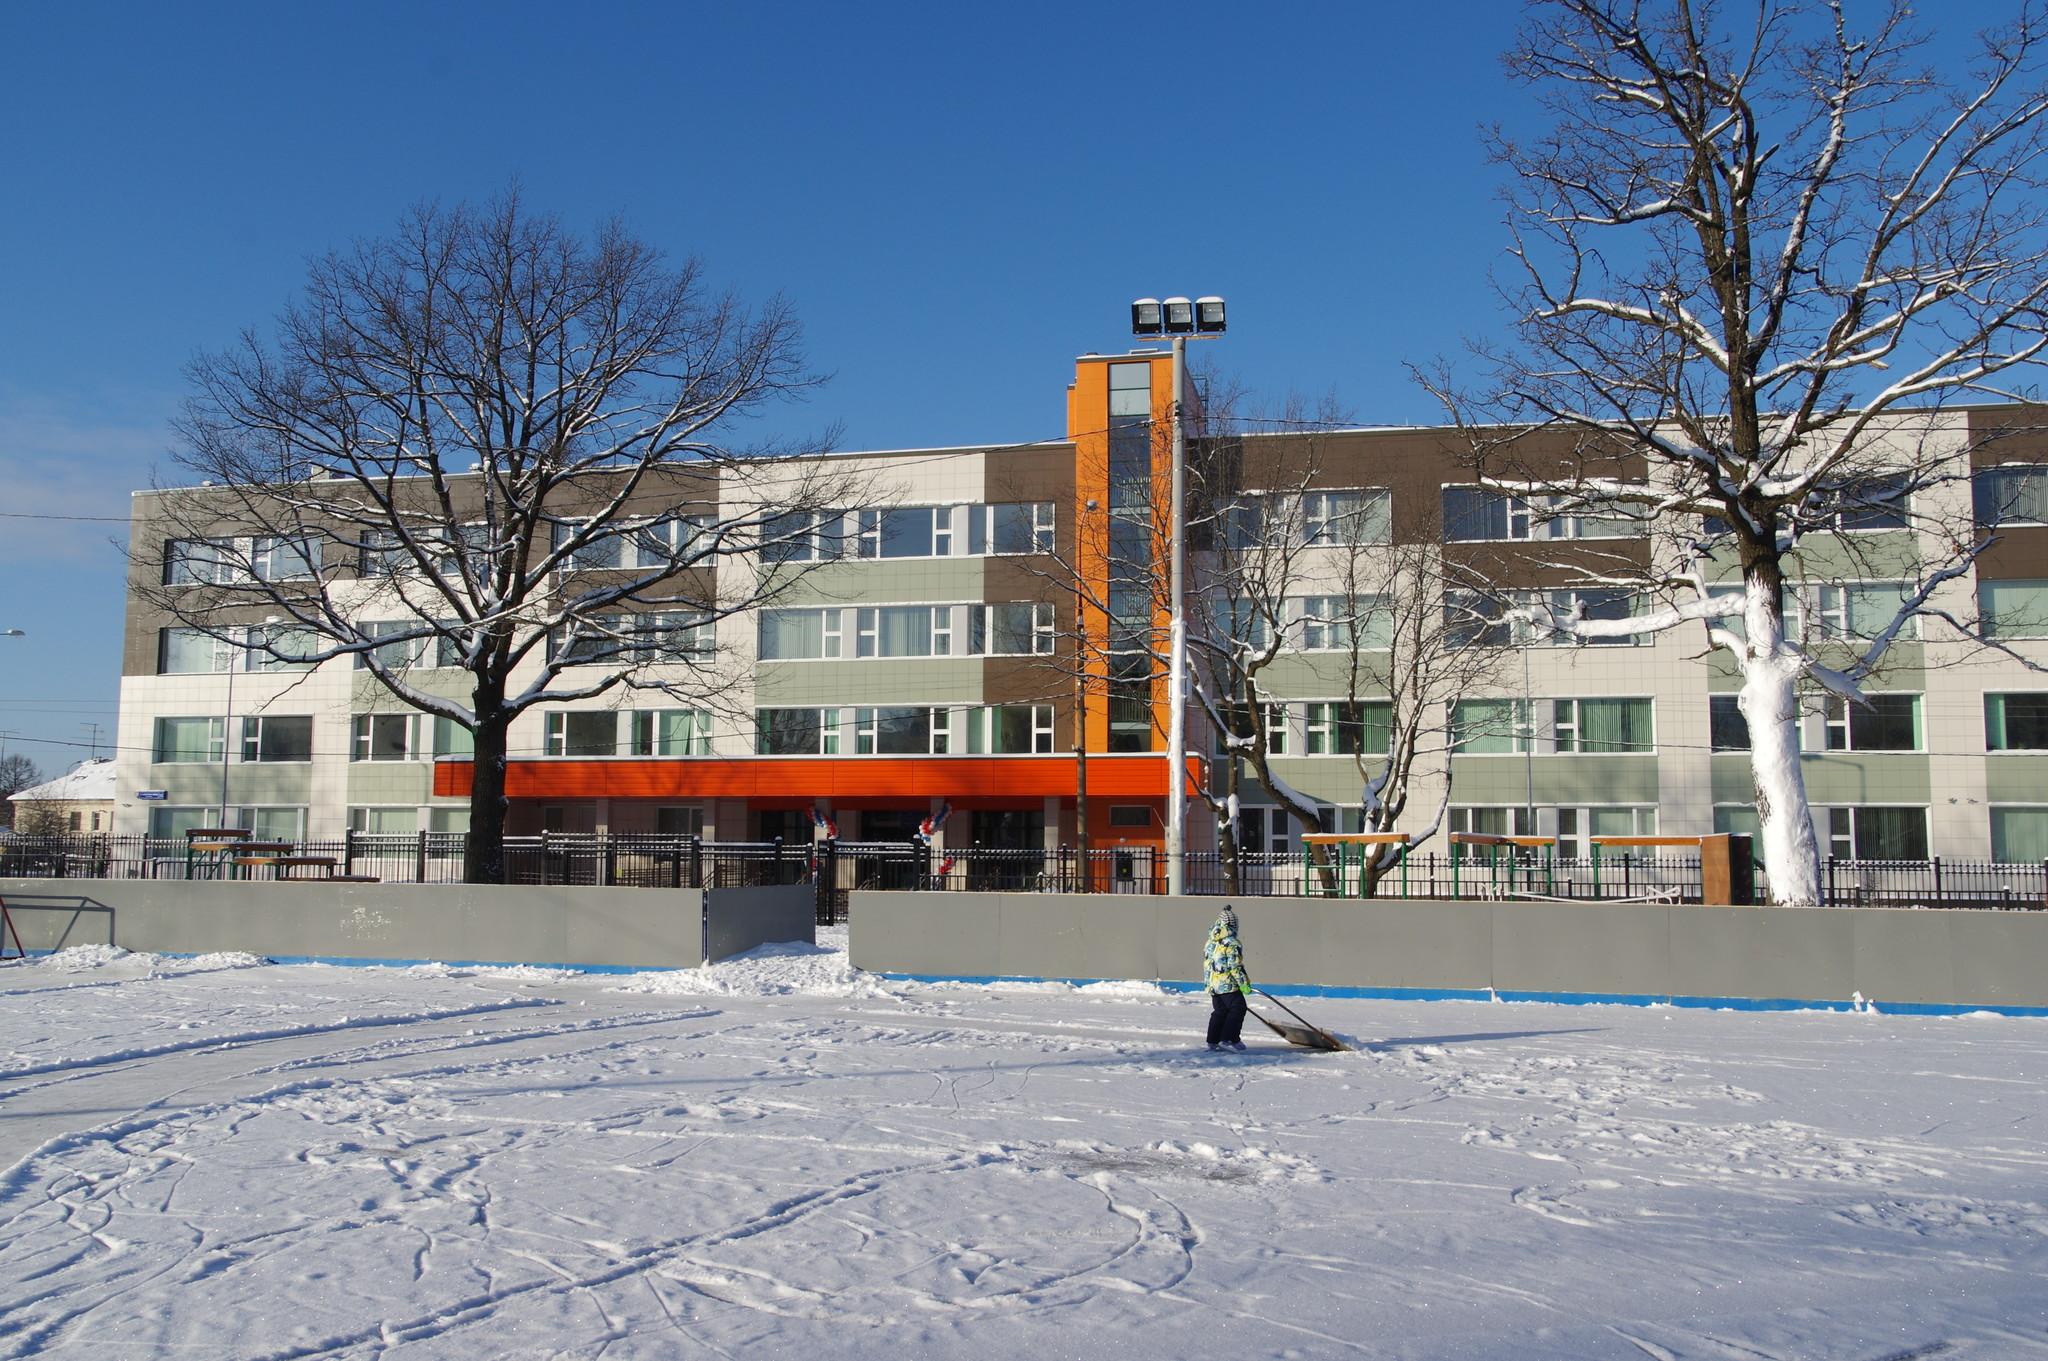 Государственное бюджетное общеобразовательное учреждение города Москвы «Школа № 709» (7-я Северная линия, 13, строение 1)